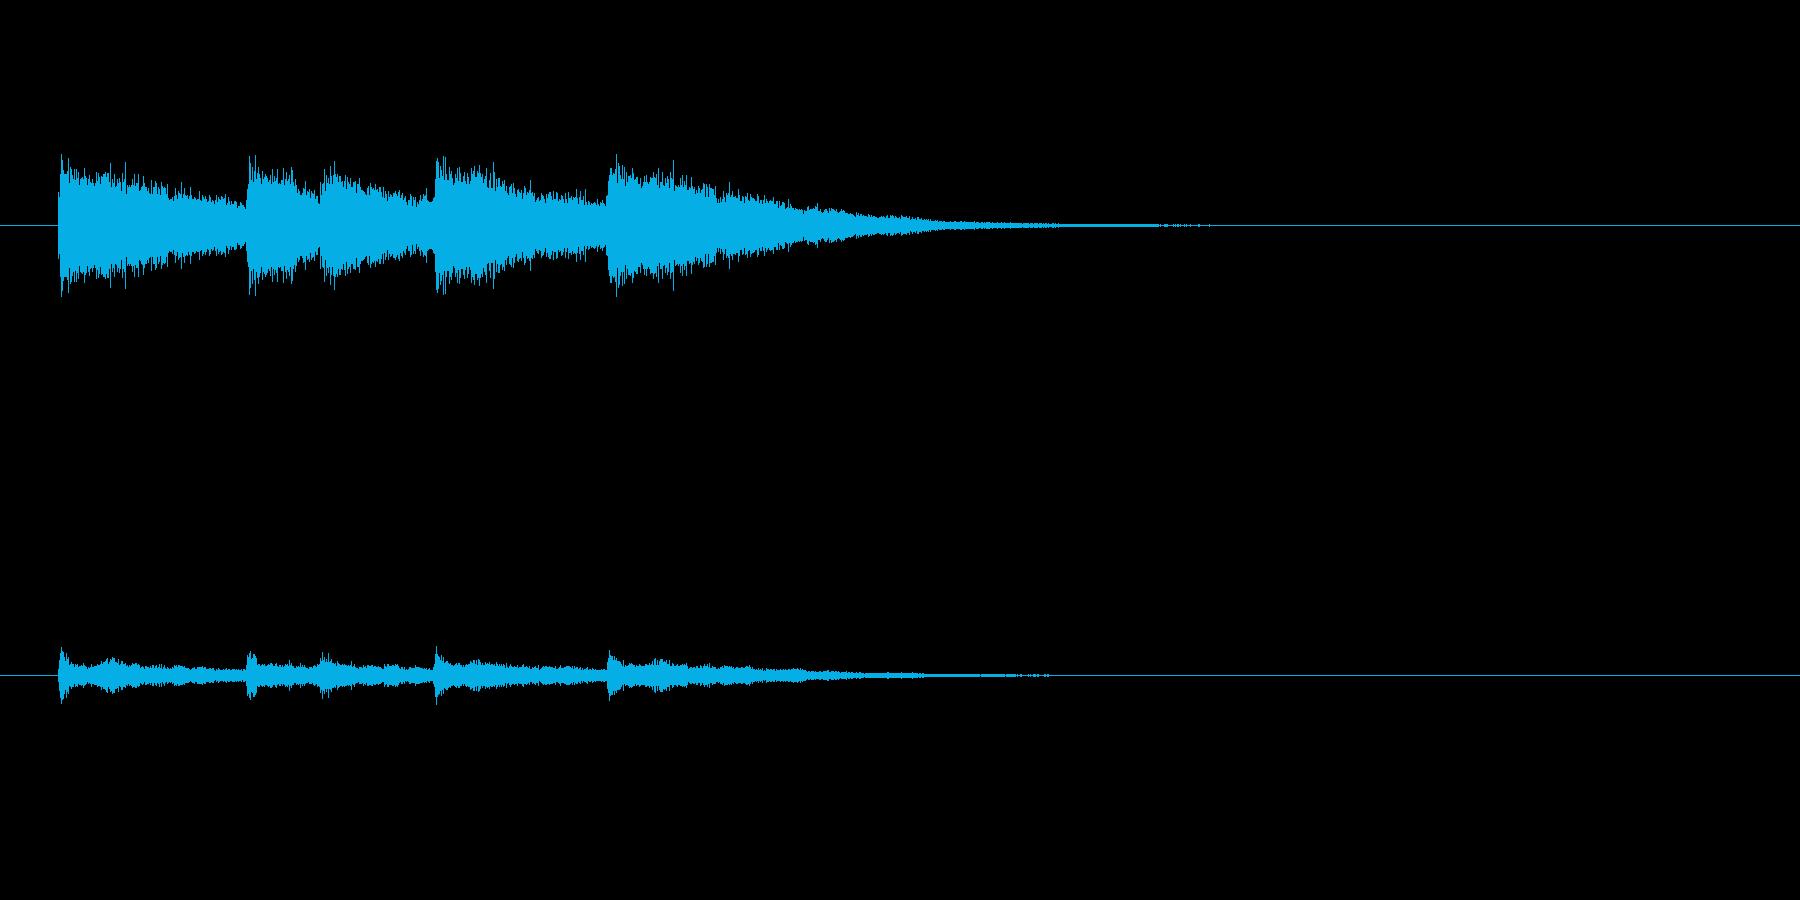 祝福の鐘の音の再生済みの波形